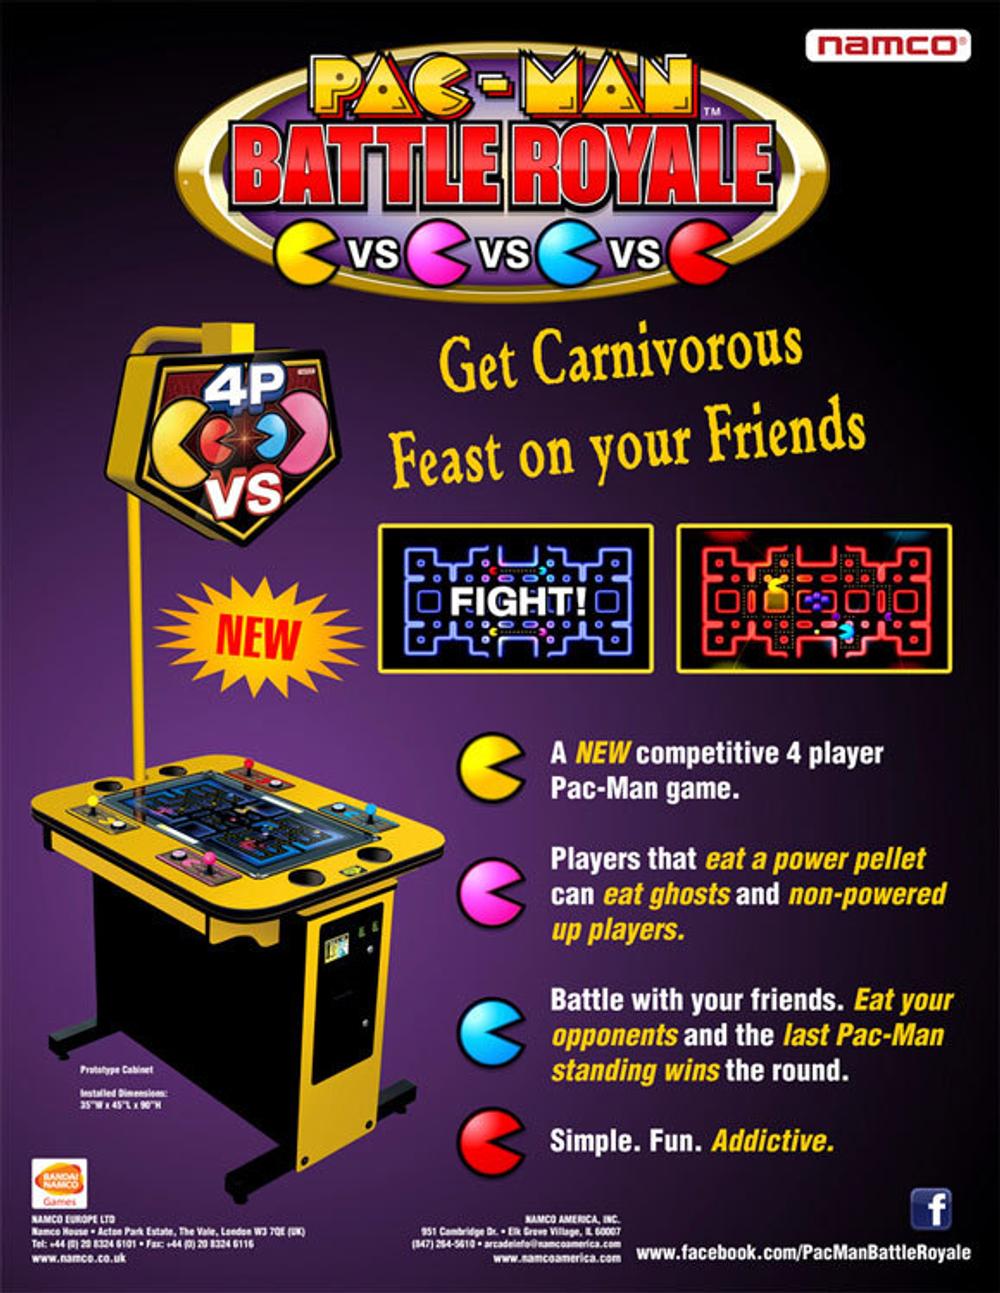 Pacman Battle Royale Flyer